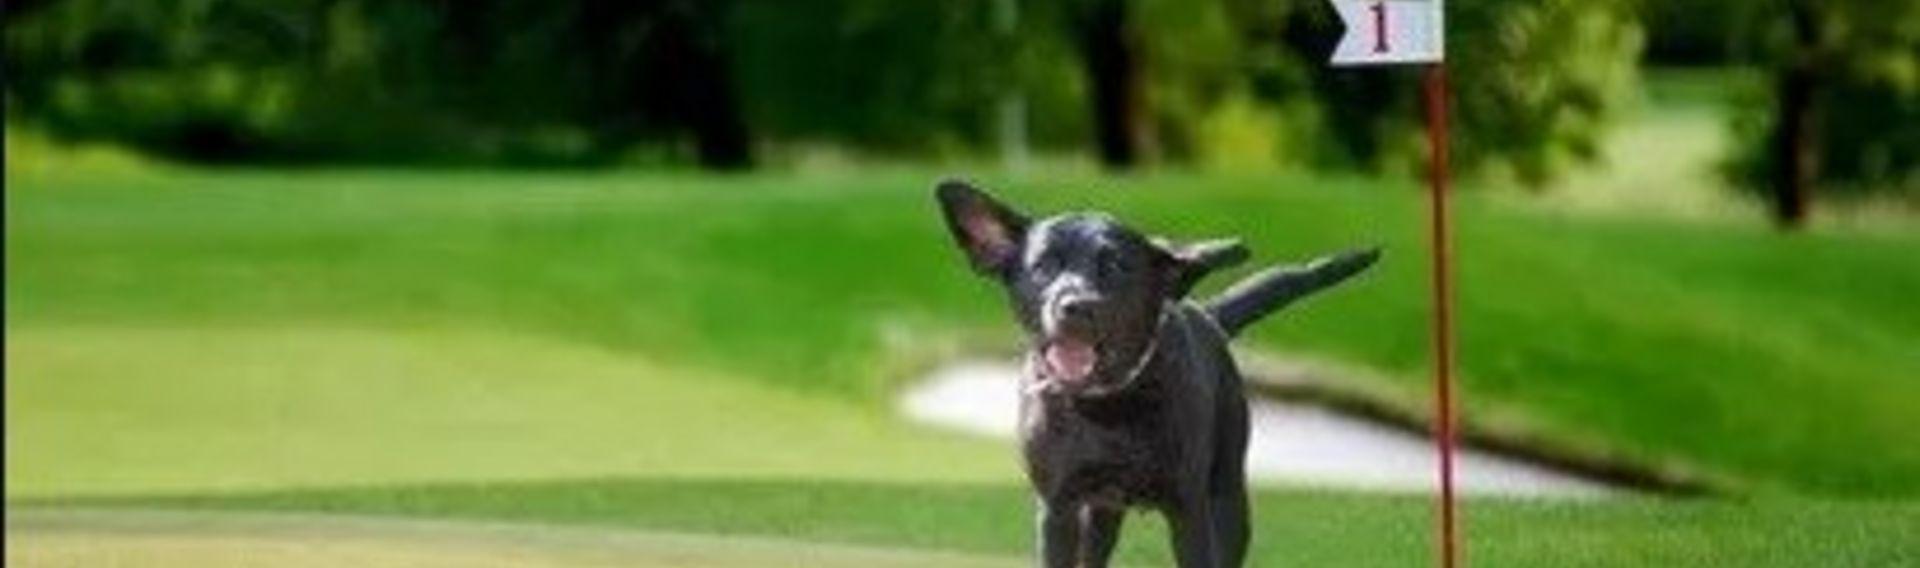 Golfsport mit Hund